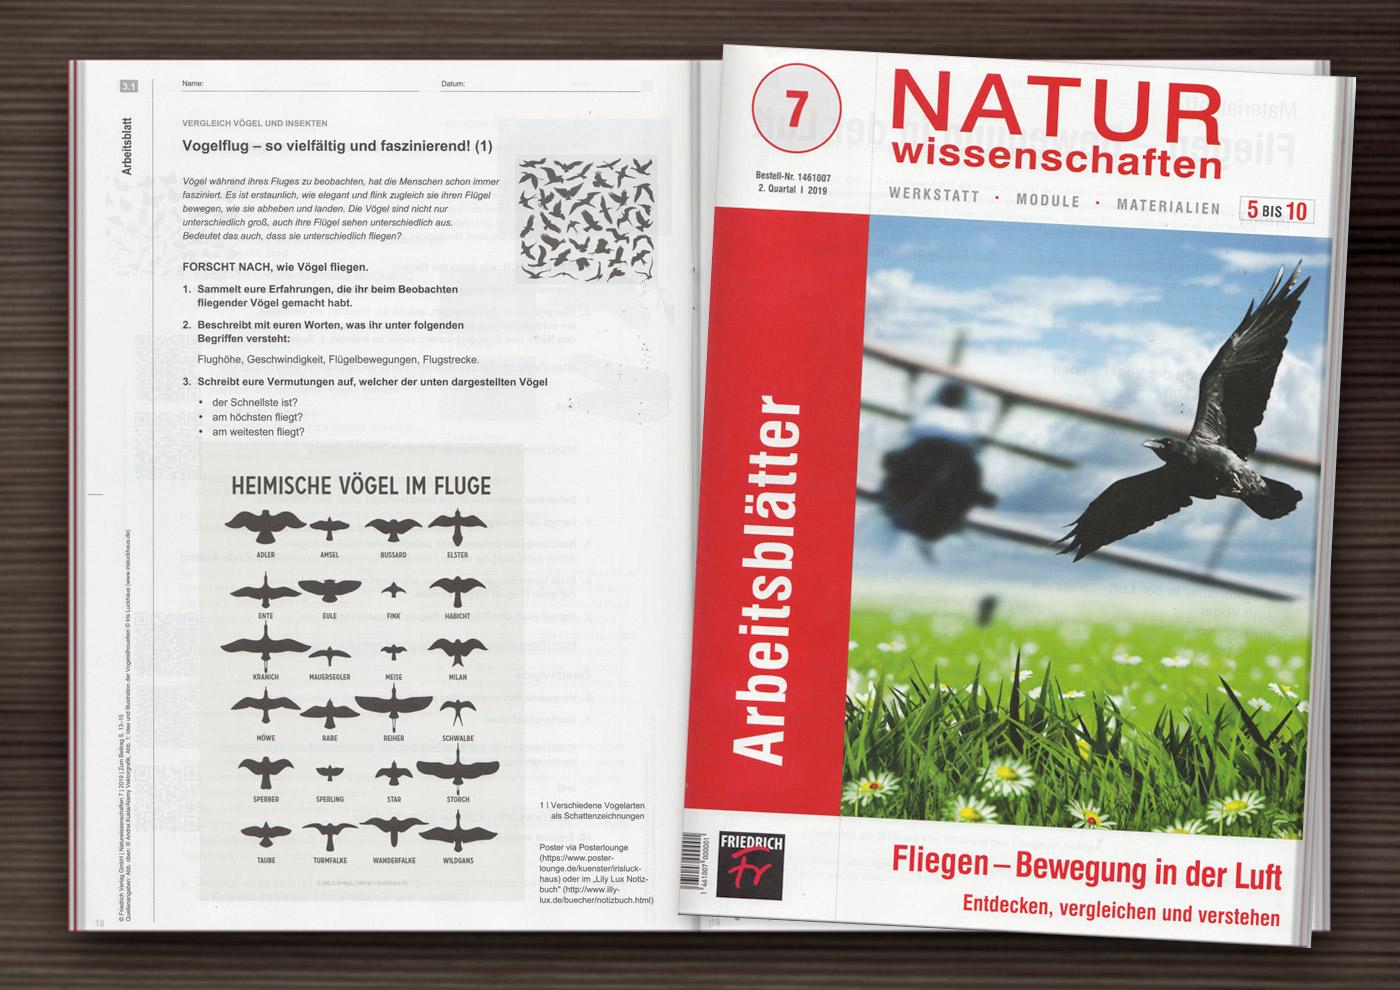 Vogelsilhouetten auf einem Arbeitsblatt zum Vogelflug in den Unterrichtsmaterialien Naturwissenschaften zum Thema Fliegen – Bewegung in der Luft vom Friedrich Verlag